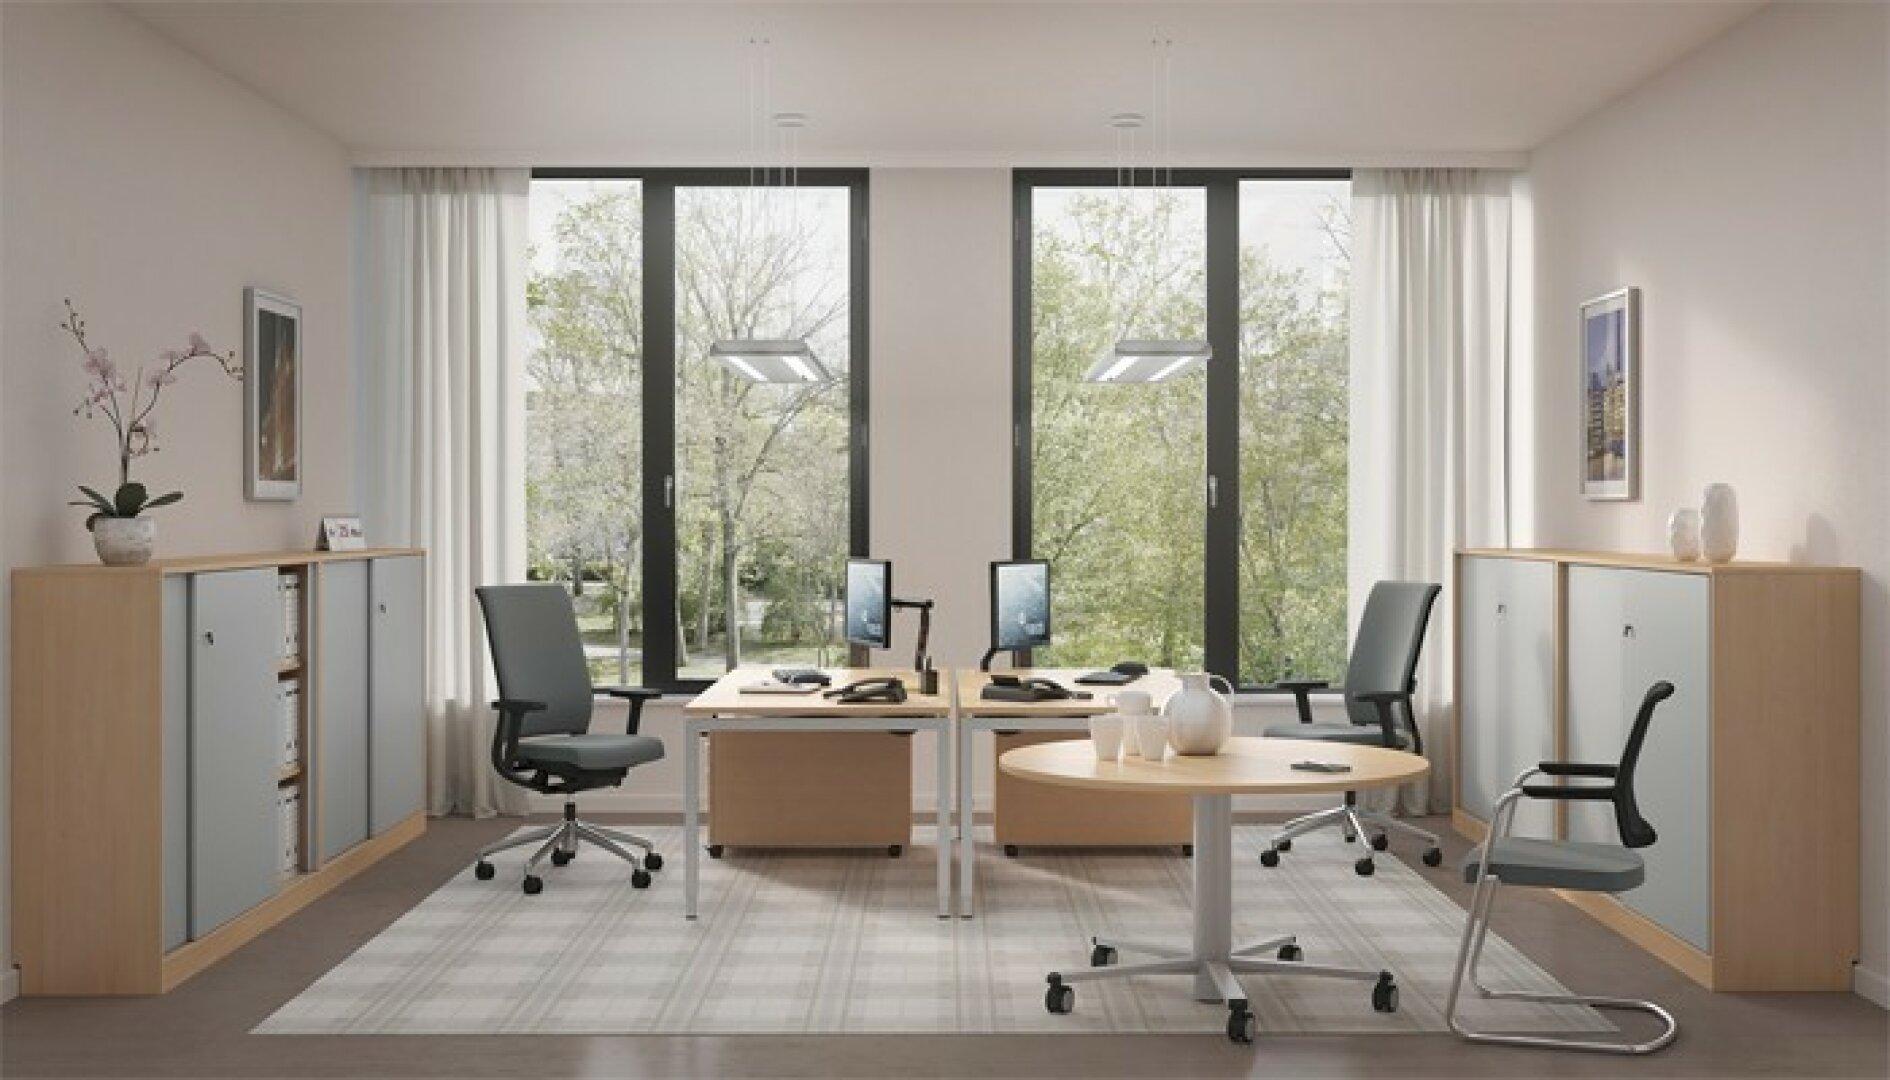 Ihr neues Büro? Symbolbild